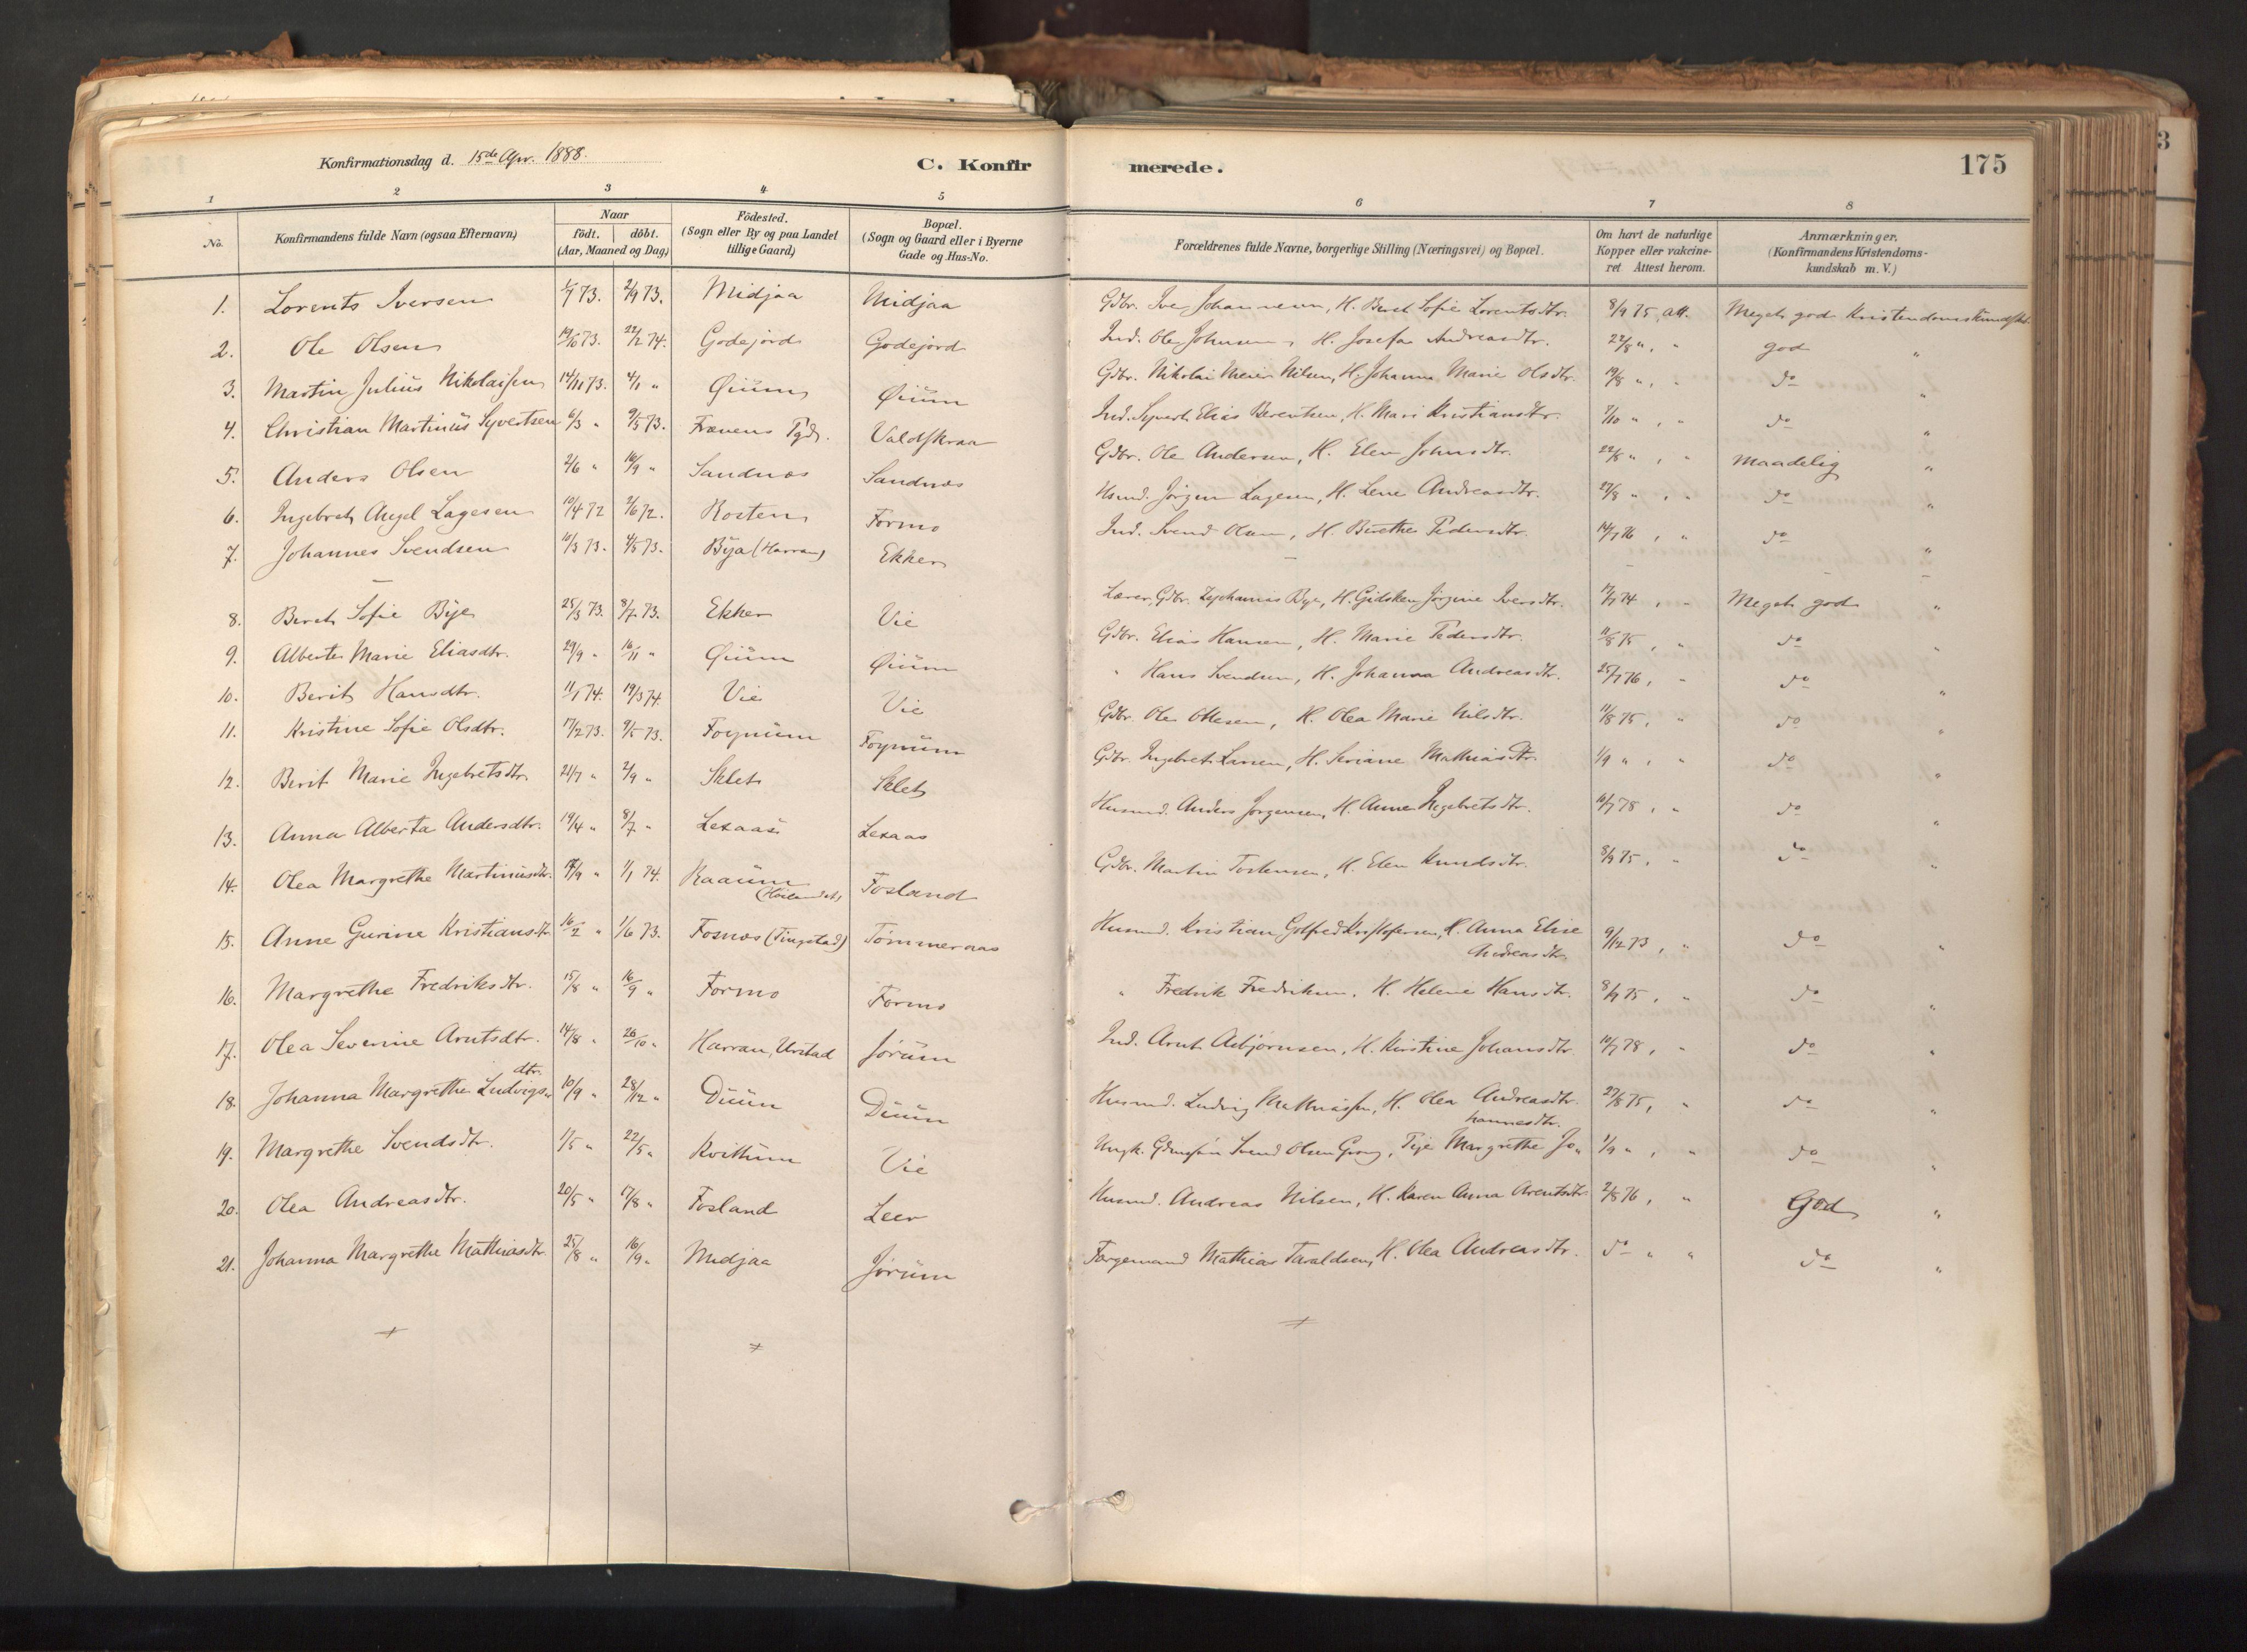 SAT, Ministerialprotokoller, klokkerbøker og fødselsregistre - Nord-Trøndelag, 758/L0519: Ministerialbok nr. 758A04, 1880-1926, s. 175